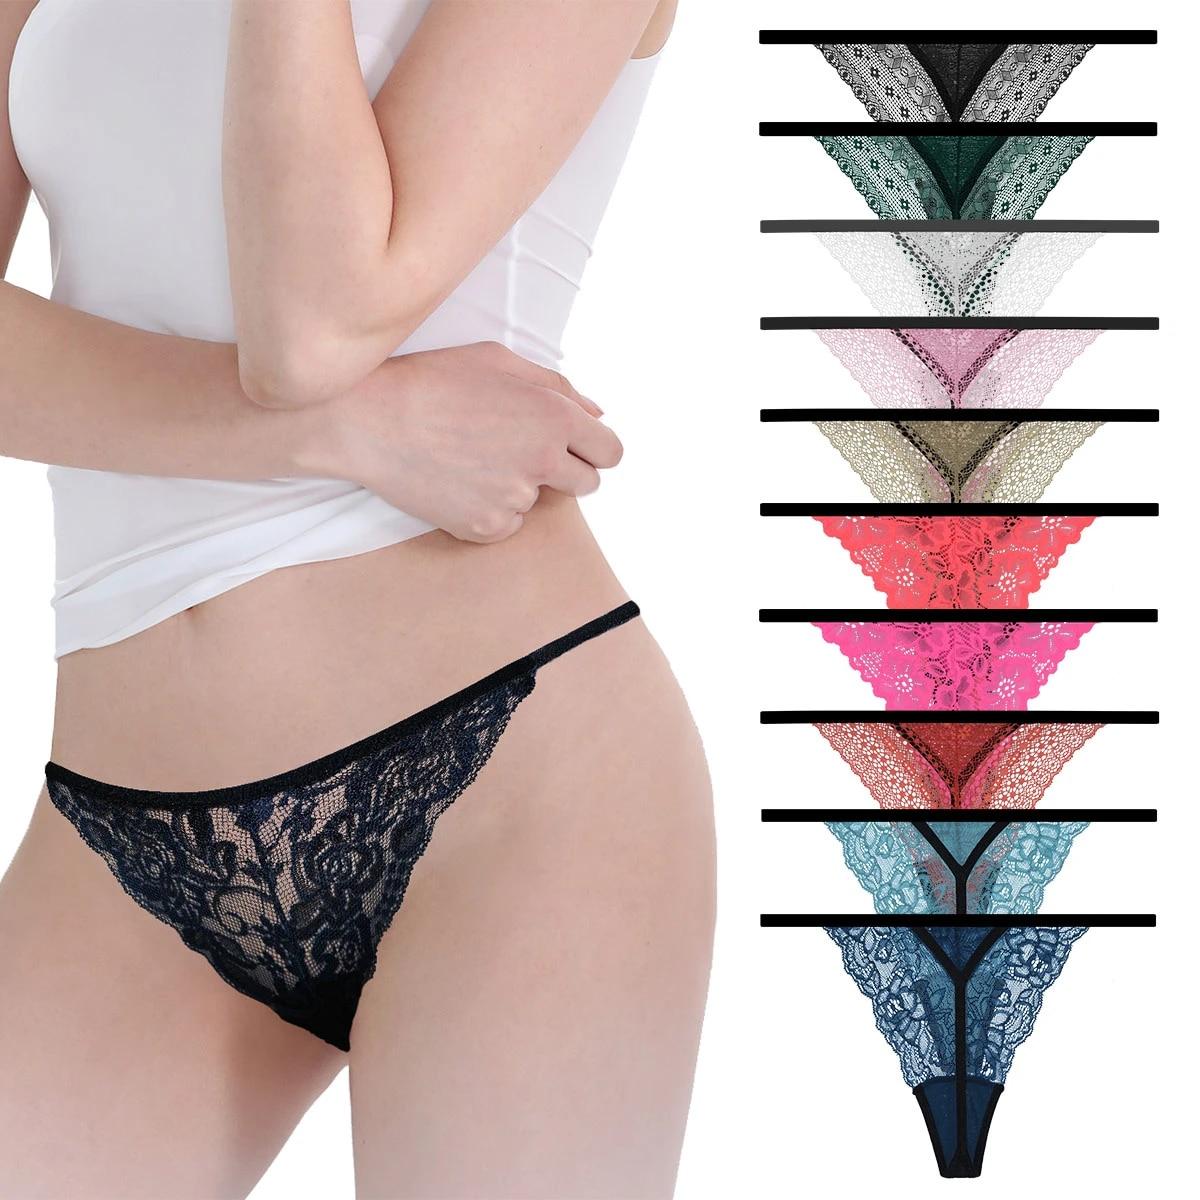 10 нижнее белье сексуально